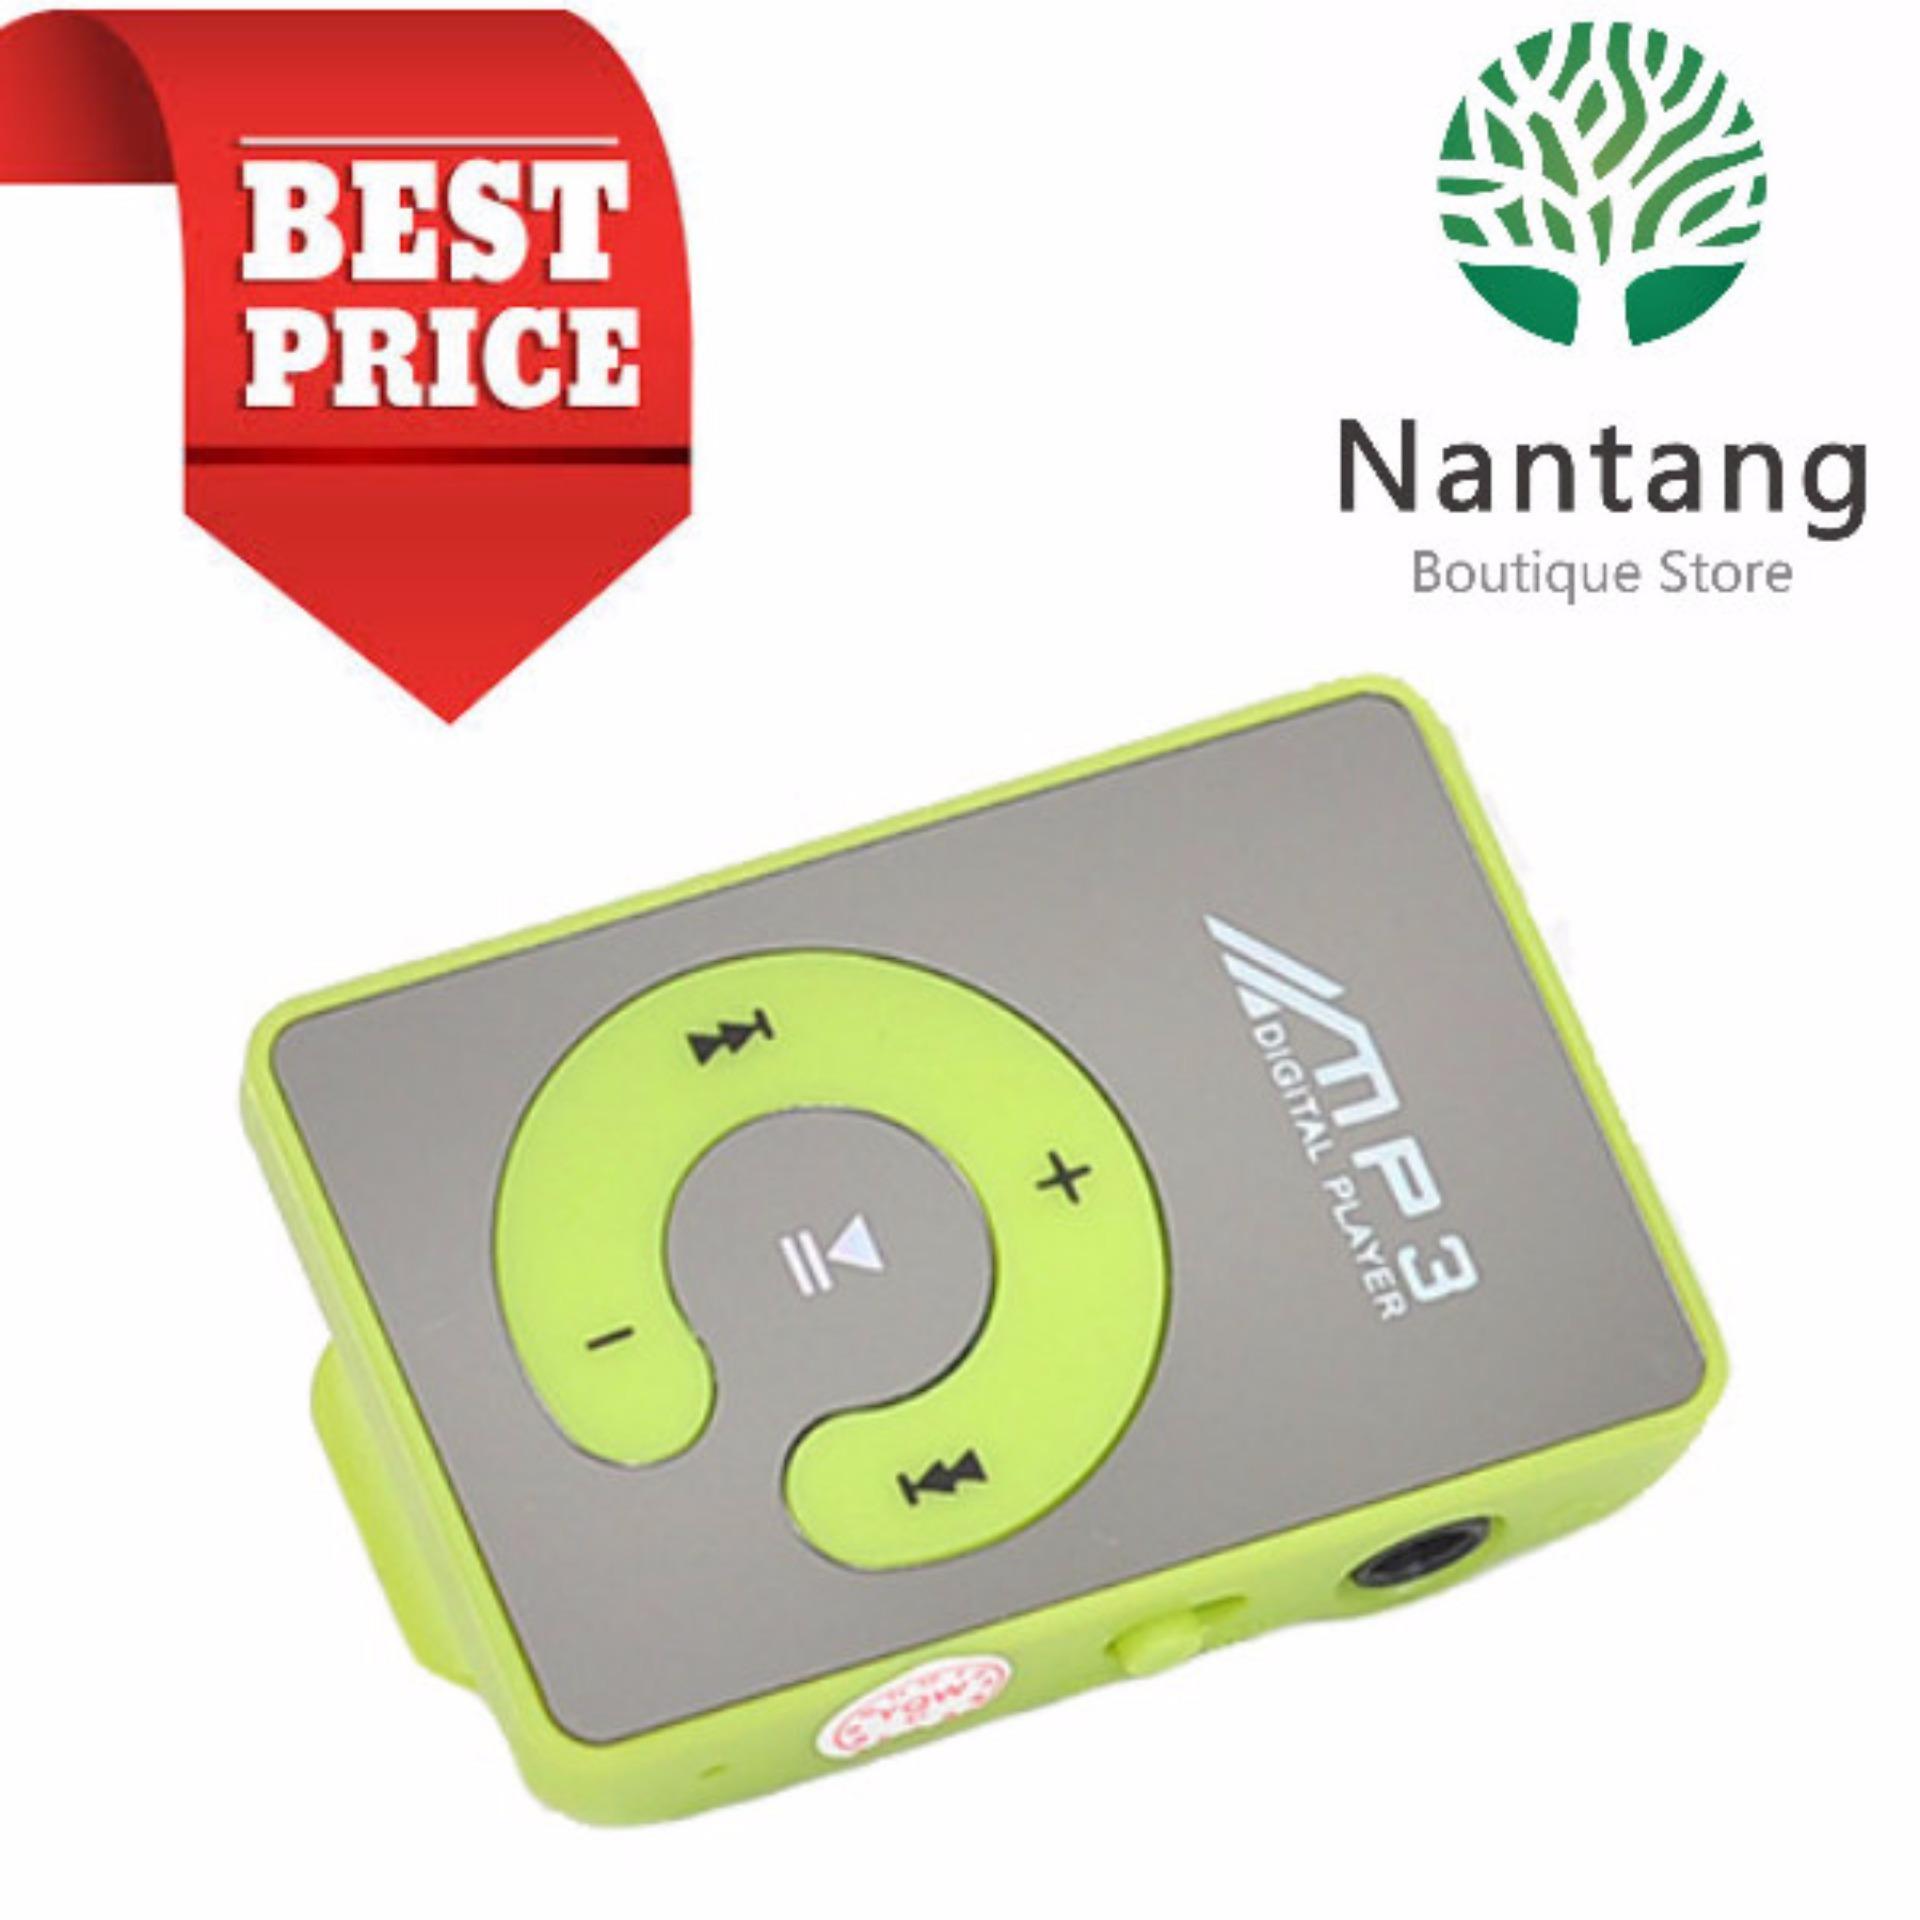 T508 Mini Stereo FM Radio Portabel Memimpin Pembicara USB Kartu Disebut TF MP3 .